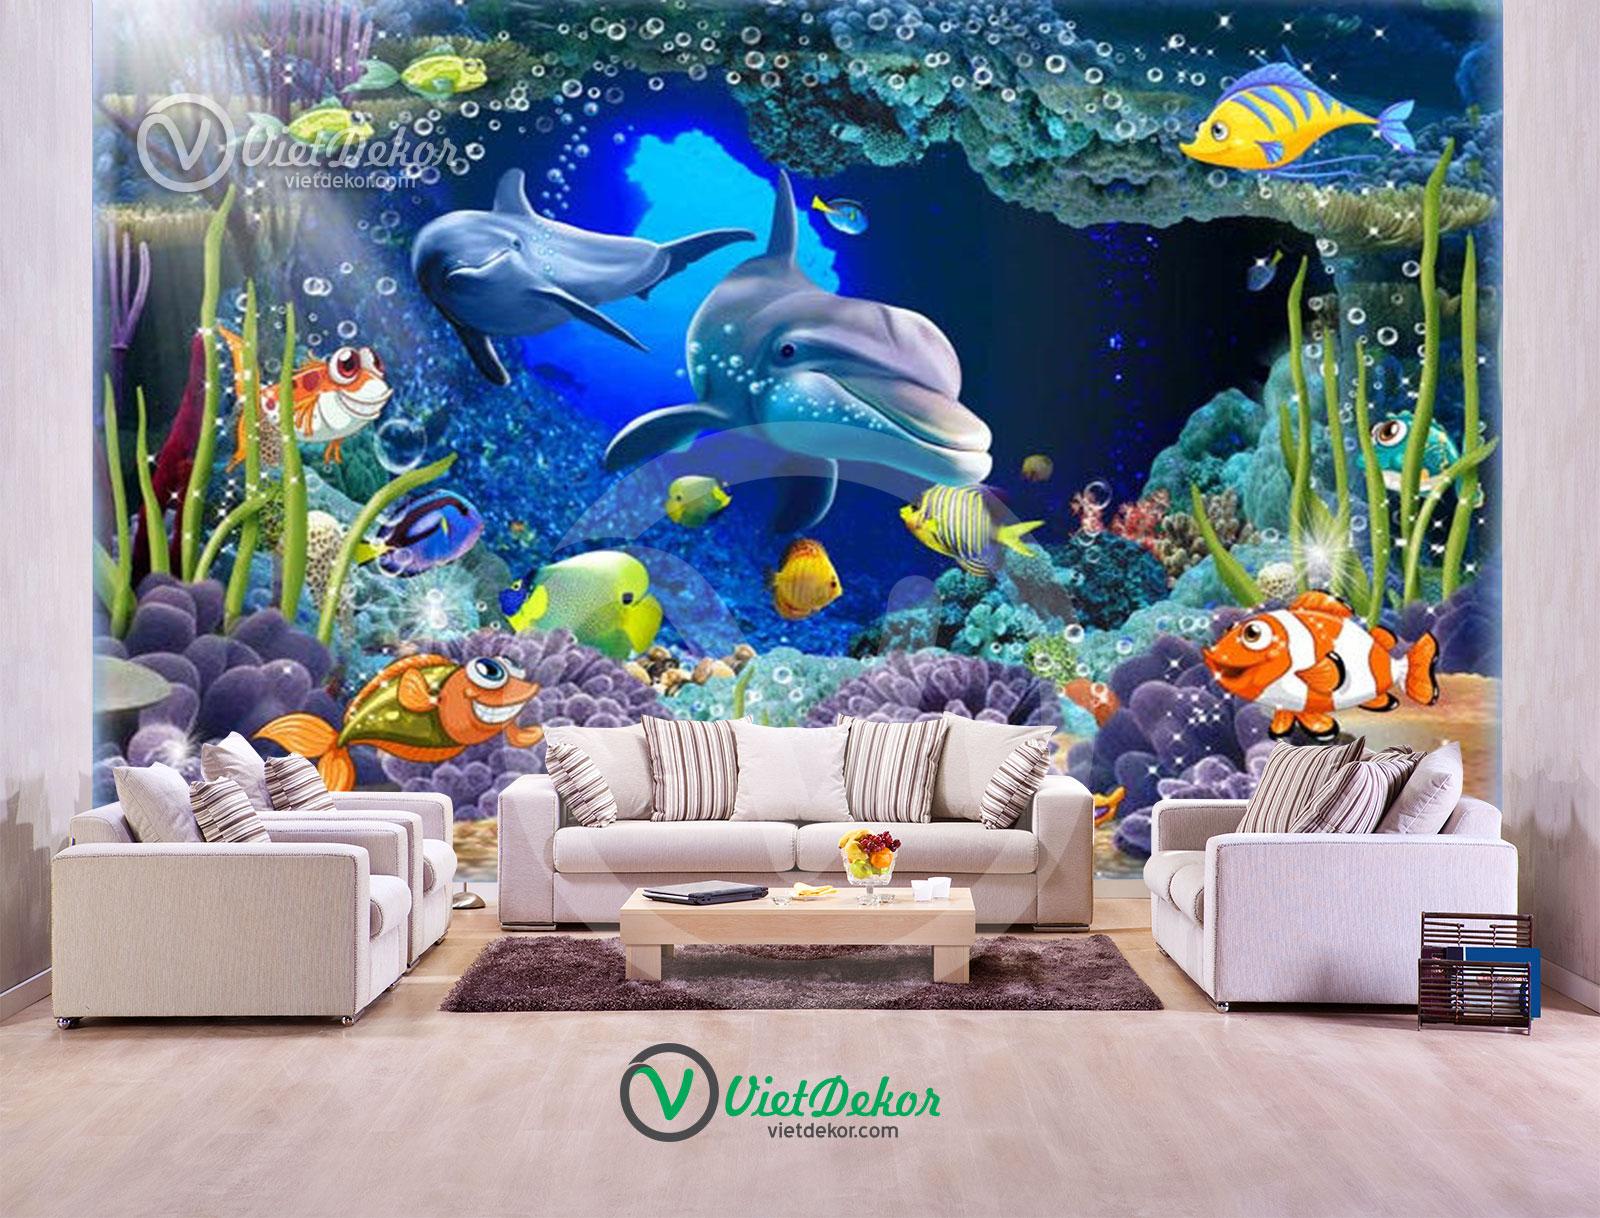 Tranh 3d dán tường phong cảnh dưới đáy biển cá heo